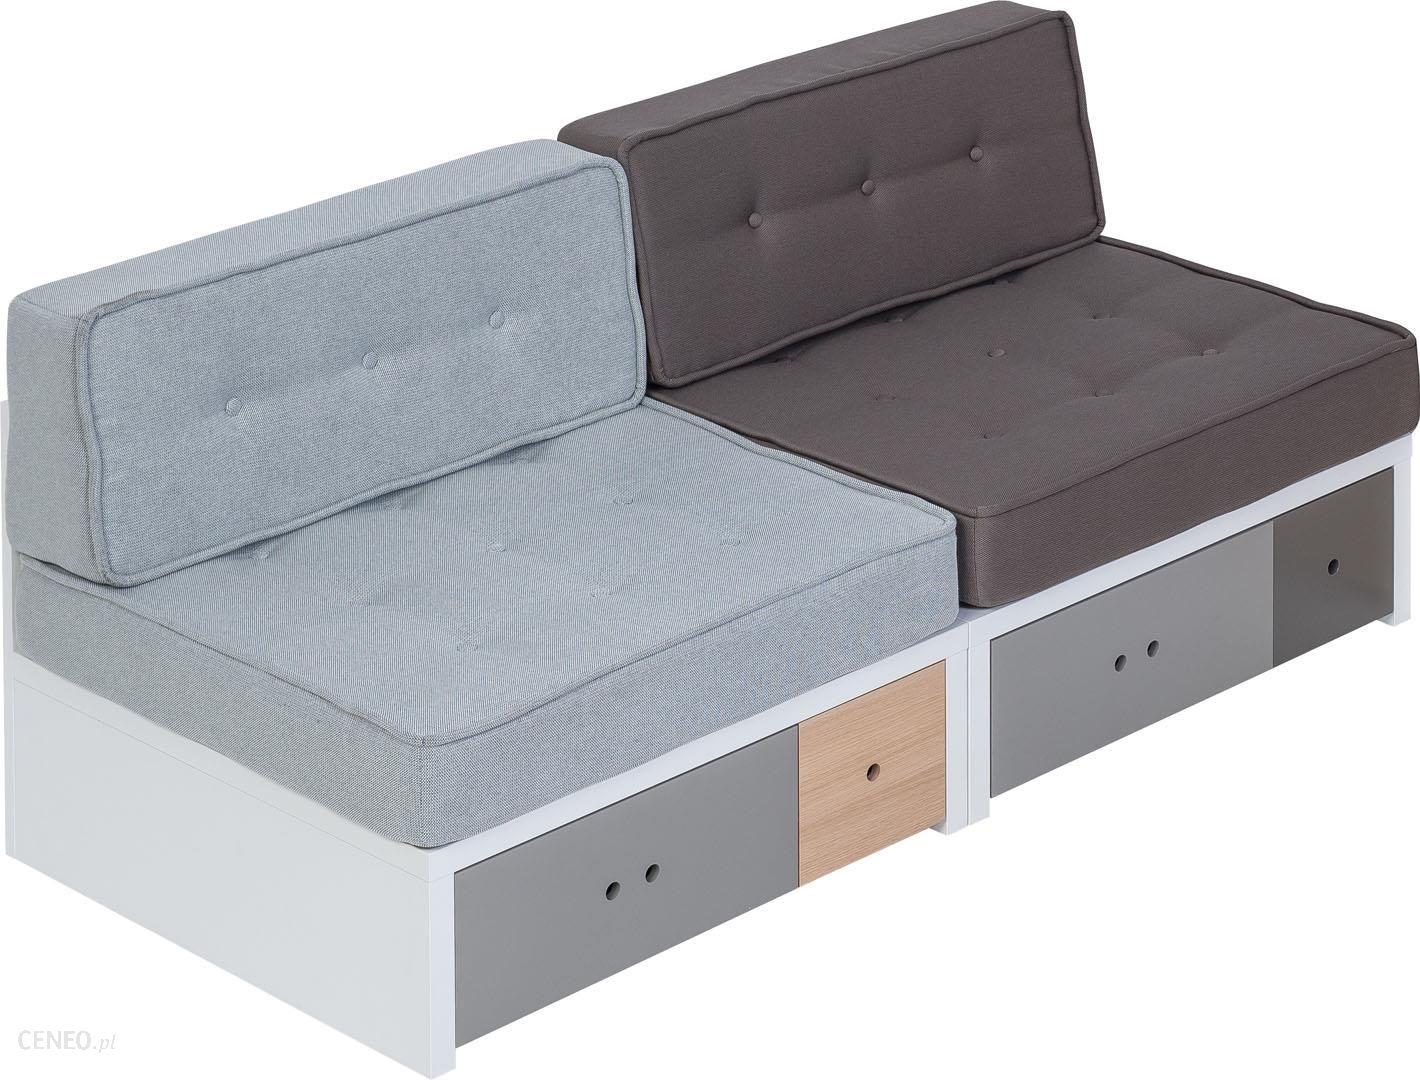 Vox Sofa Custom